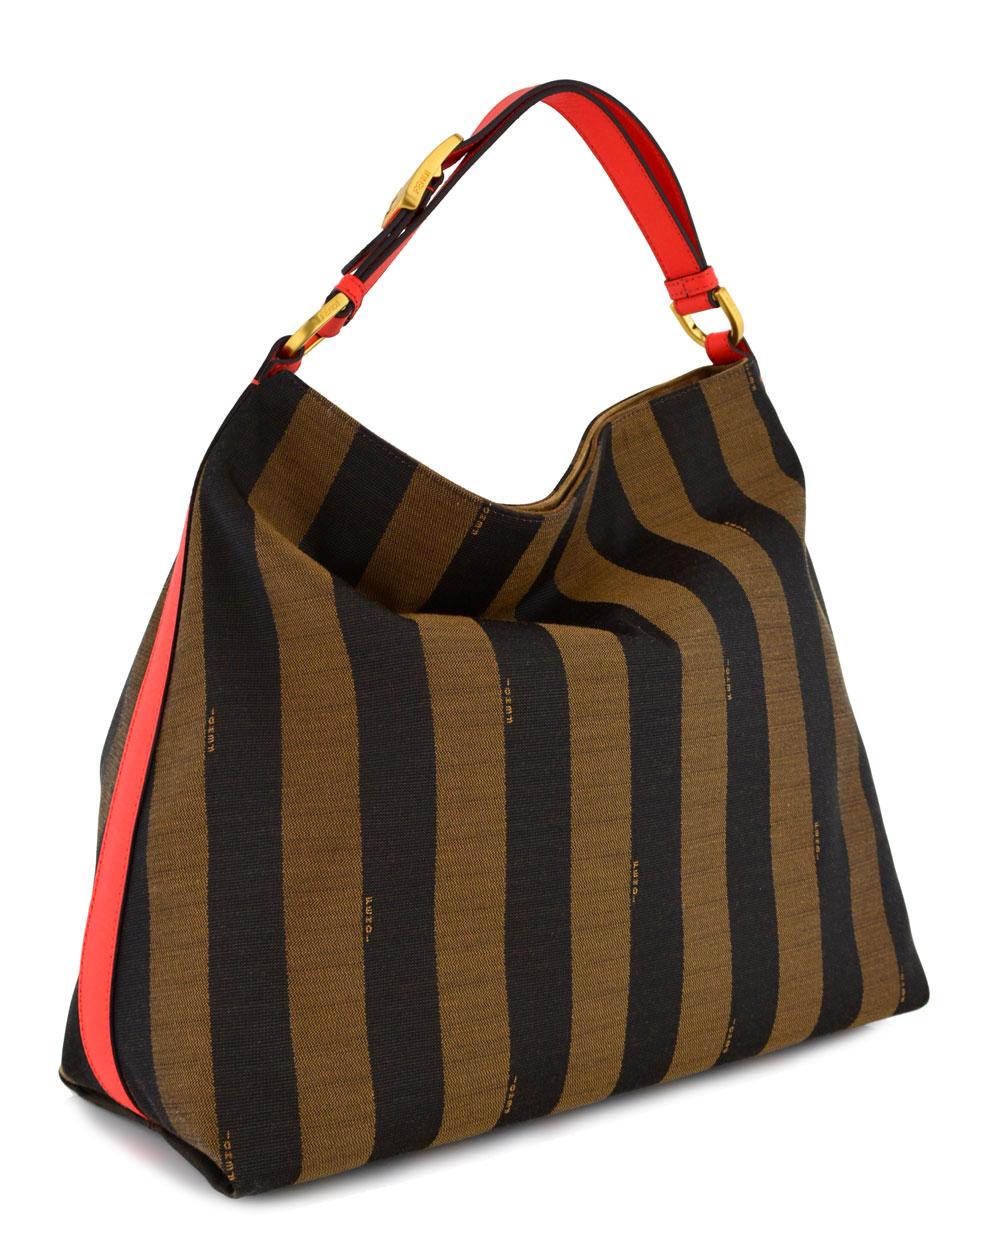 Lyst - Fendi Pequin Stripe and Poppy Borsa Hobo Bag in Brown 619db8e9992